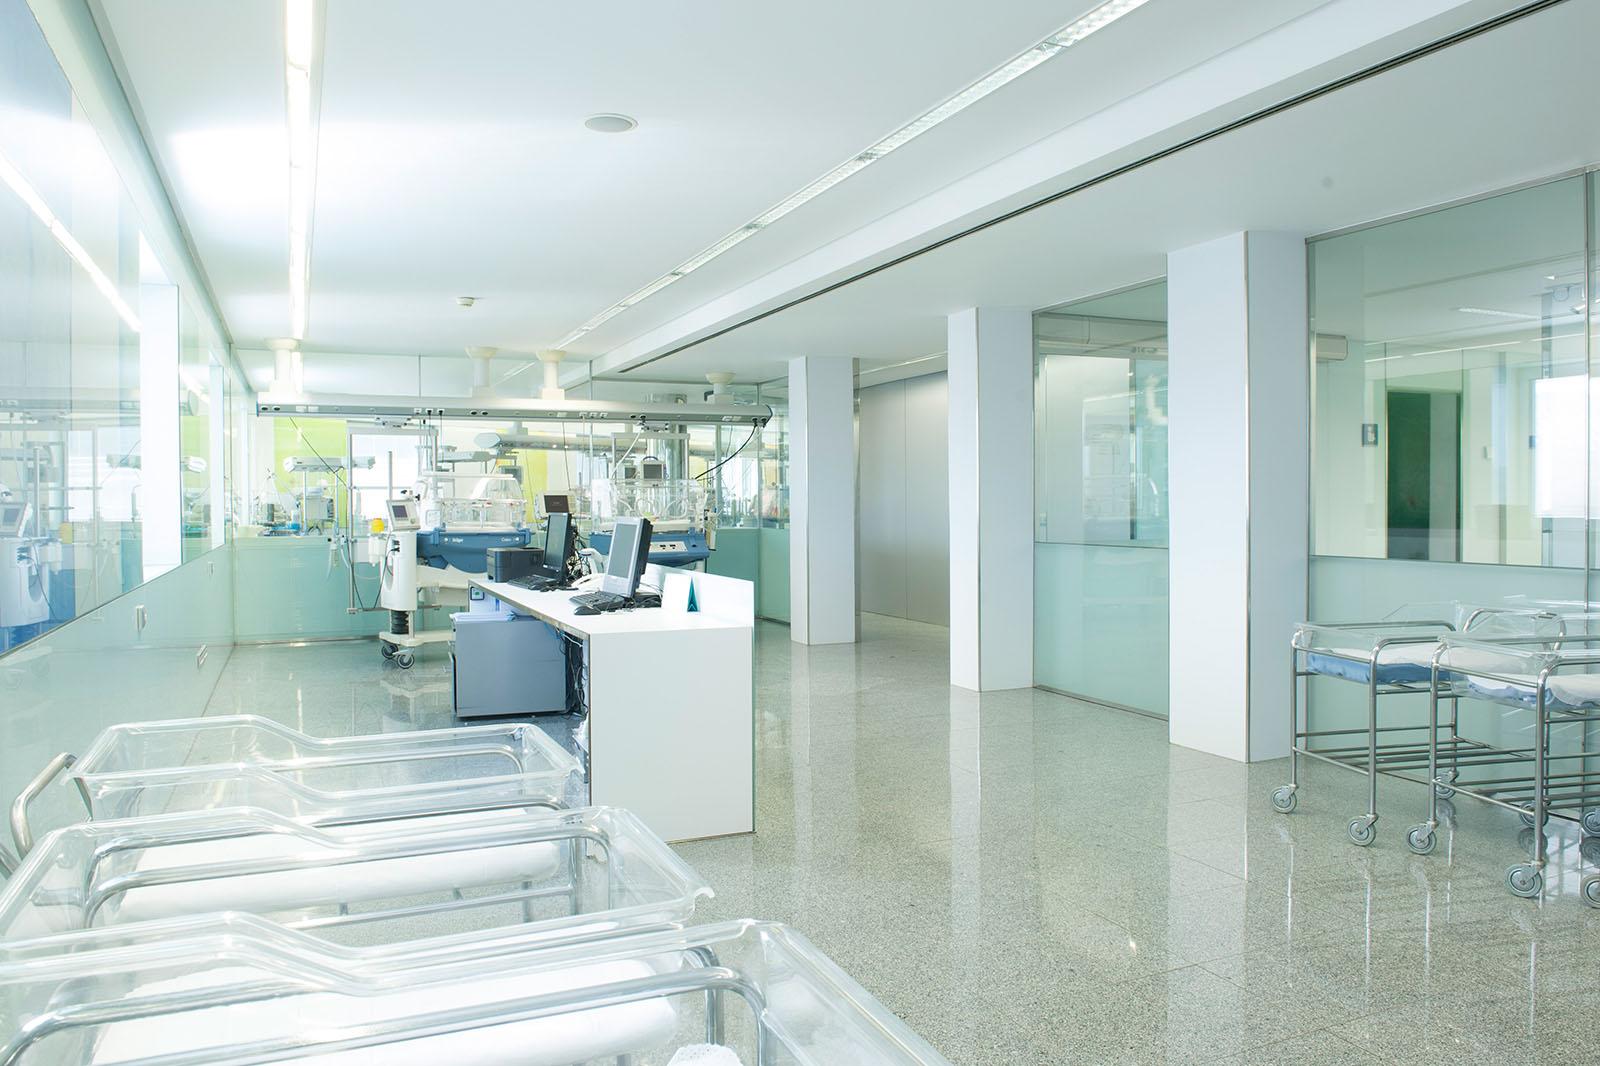 Unidad-de-Nidos-Clínica-Rotger-Hospital-Mallorca